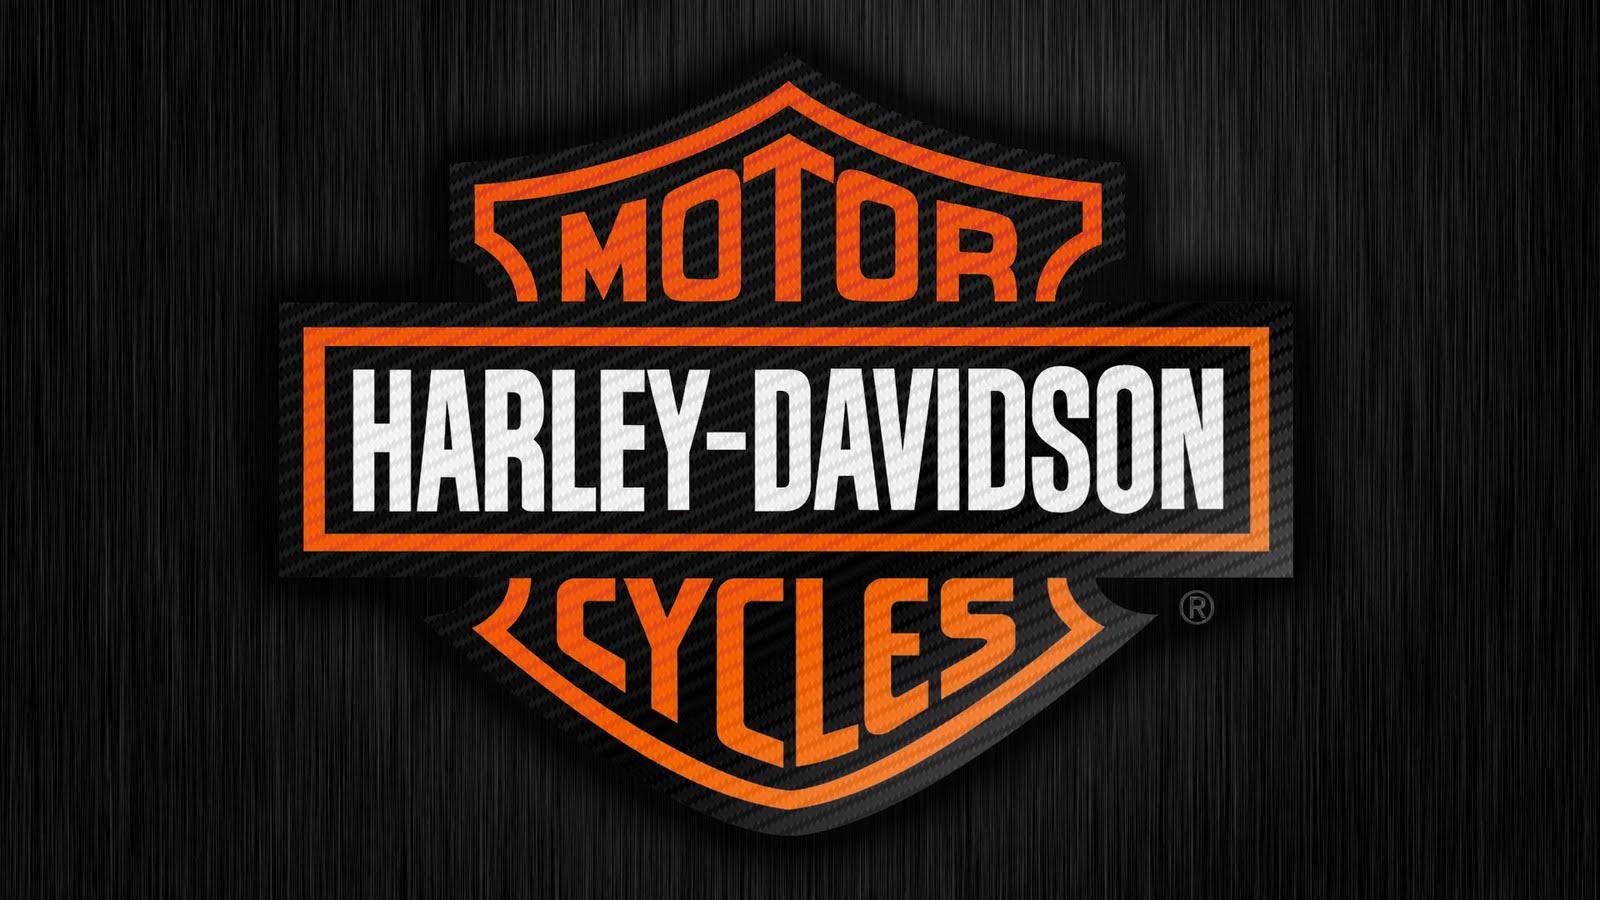 http://3.bp.blogspot.com/-dZTfjYwqhC0/Tjs8aGIvqPI/AAAAAAAAAsc/JWc2Hx0A1wo/s1600/harley-davidson-carbon-fiber-motor_1920x1080_529-hd.jpg